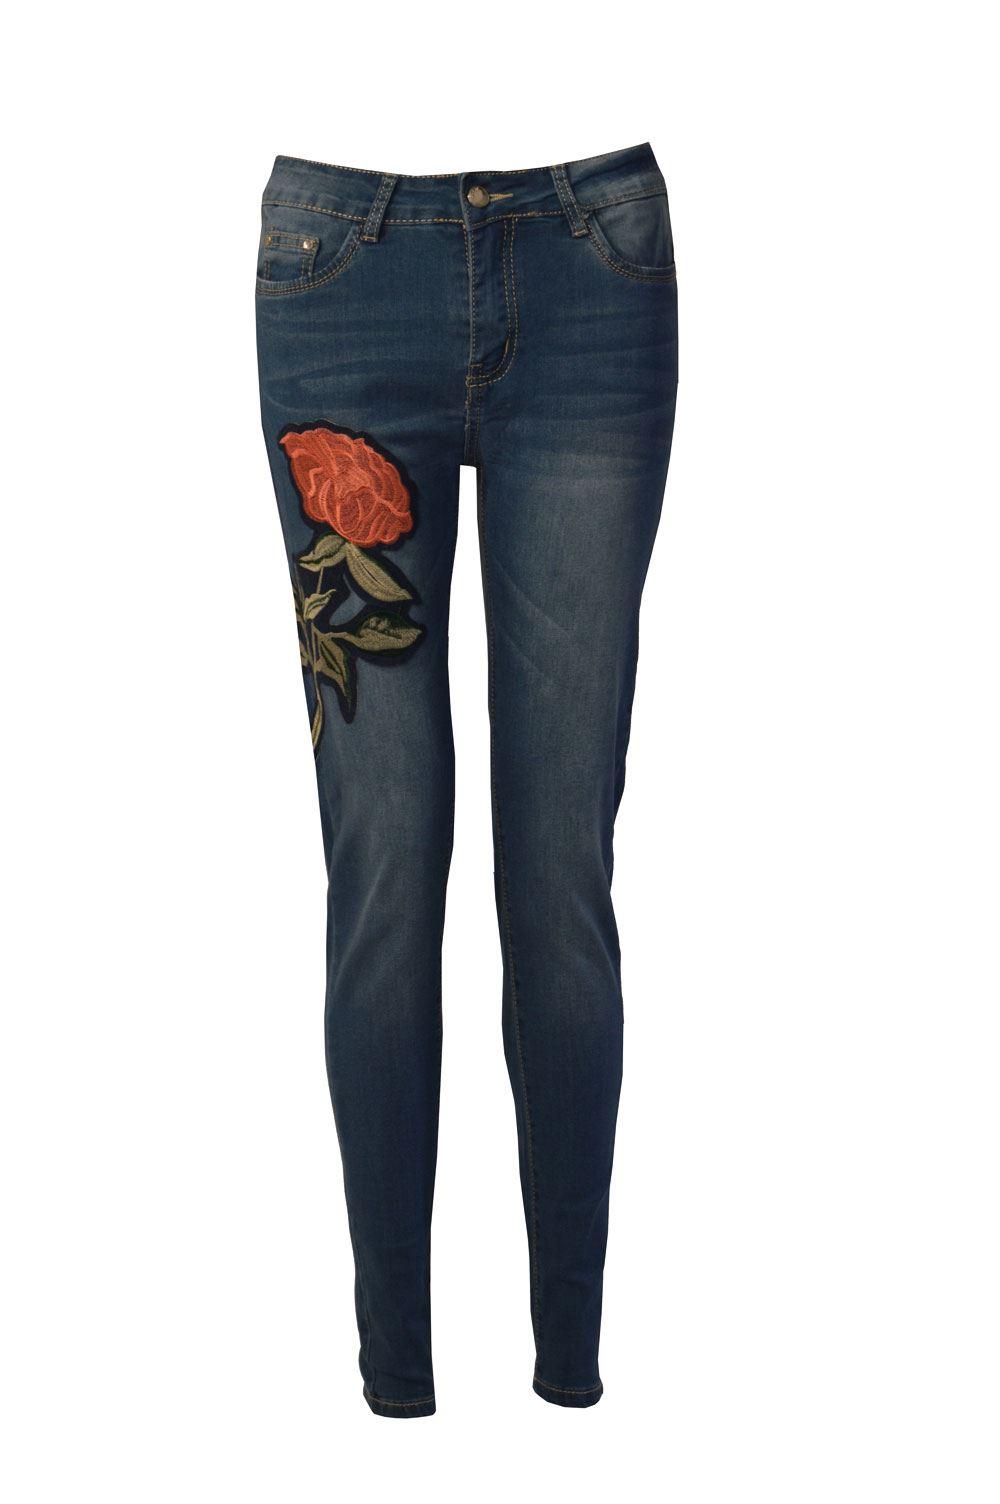 damen bestickt denim hoher bund skinny fit jeans stretch ebay. Black Bedroom Furniture Sets. Home Design Ideas